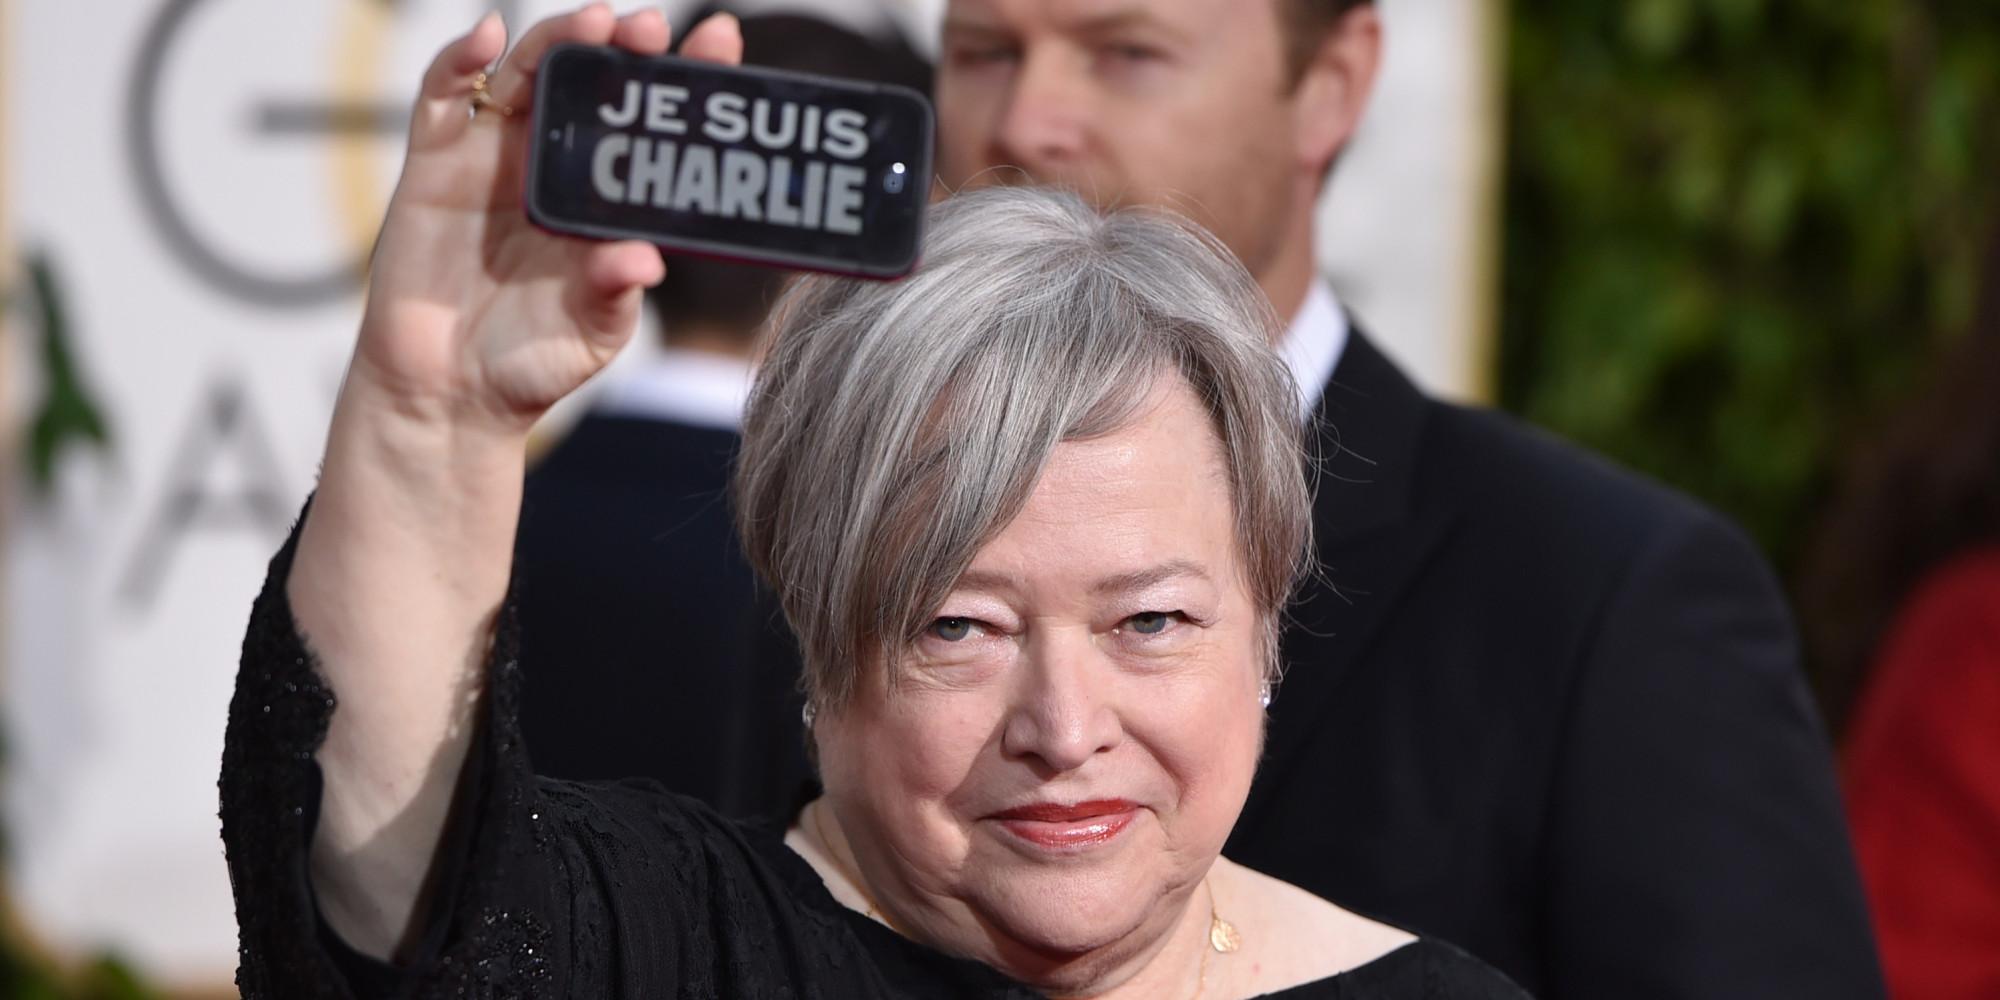 'Je Suis Charlie' Sign...